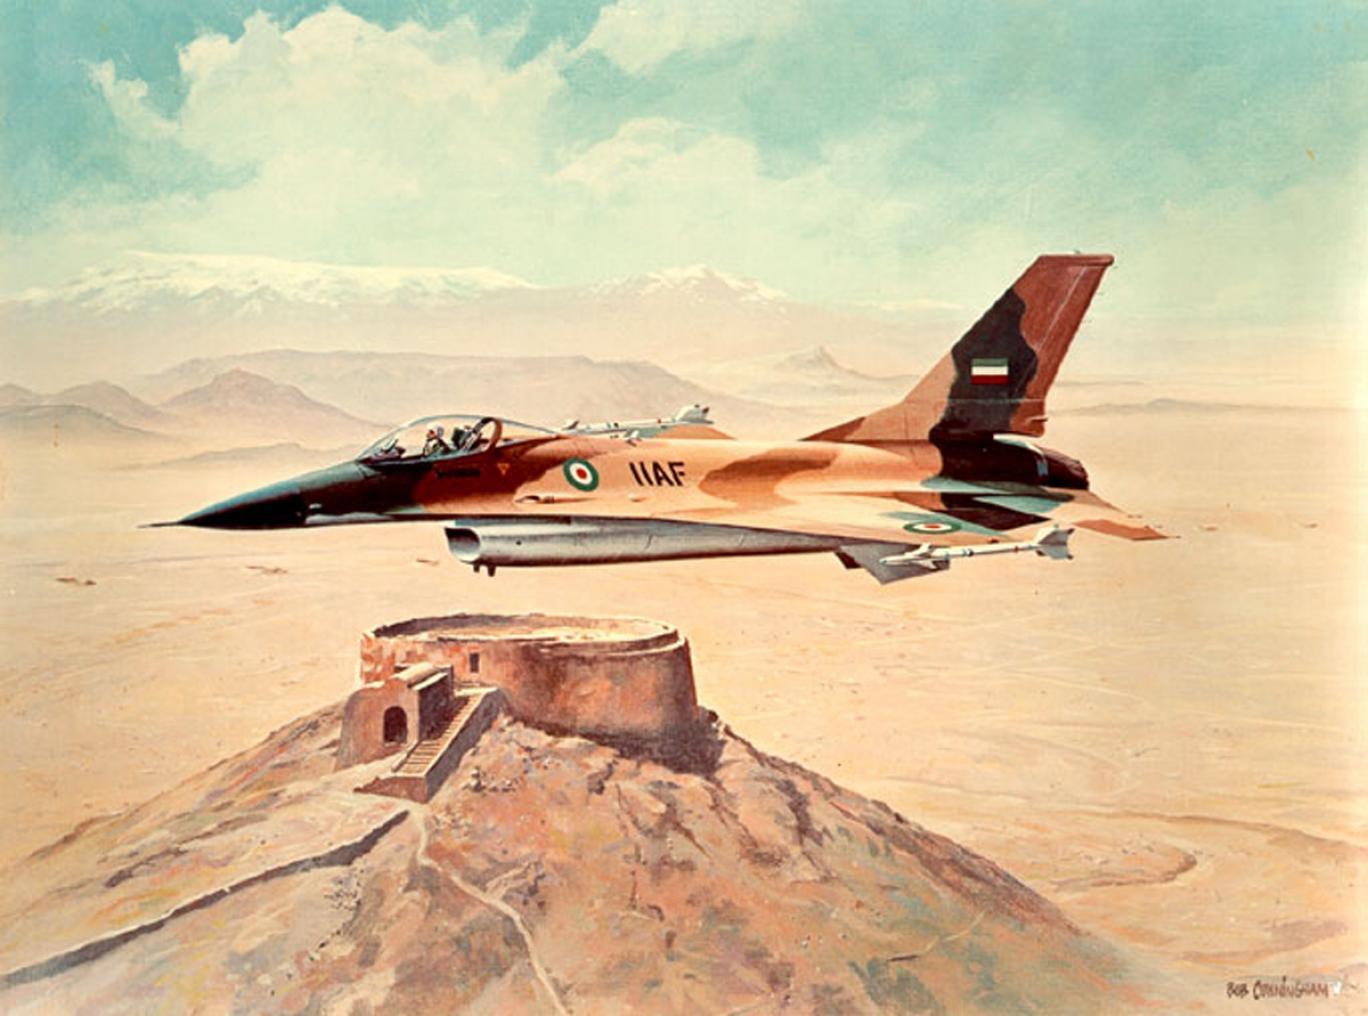 چگونه جمهوری اسلامی ایران تهاجم عراق به ایران را تسهیل کرد